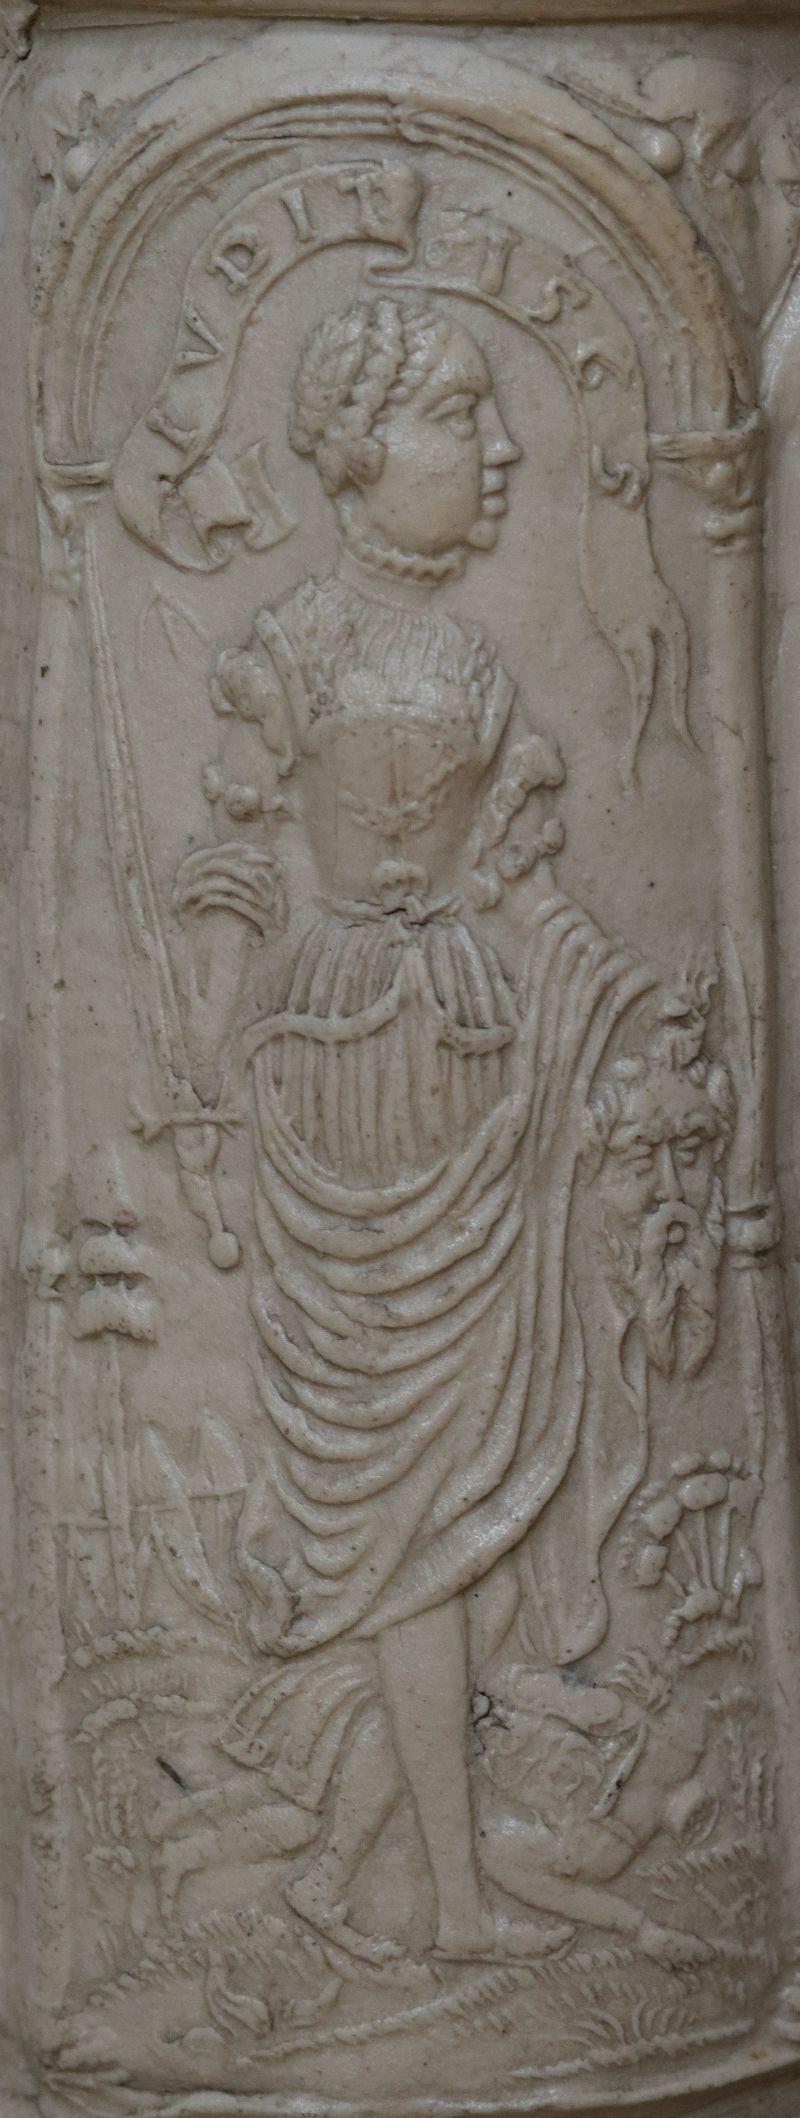 Details saltglazed stoneware Siegburger Schnelle 1565 datiert Auflage Judith